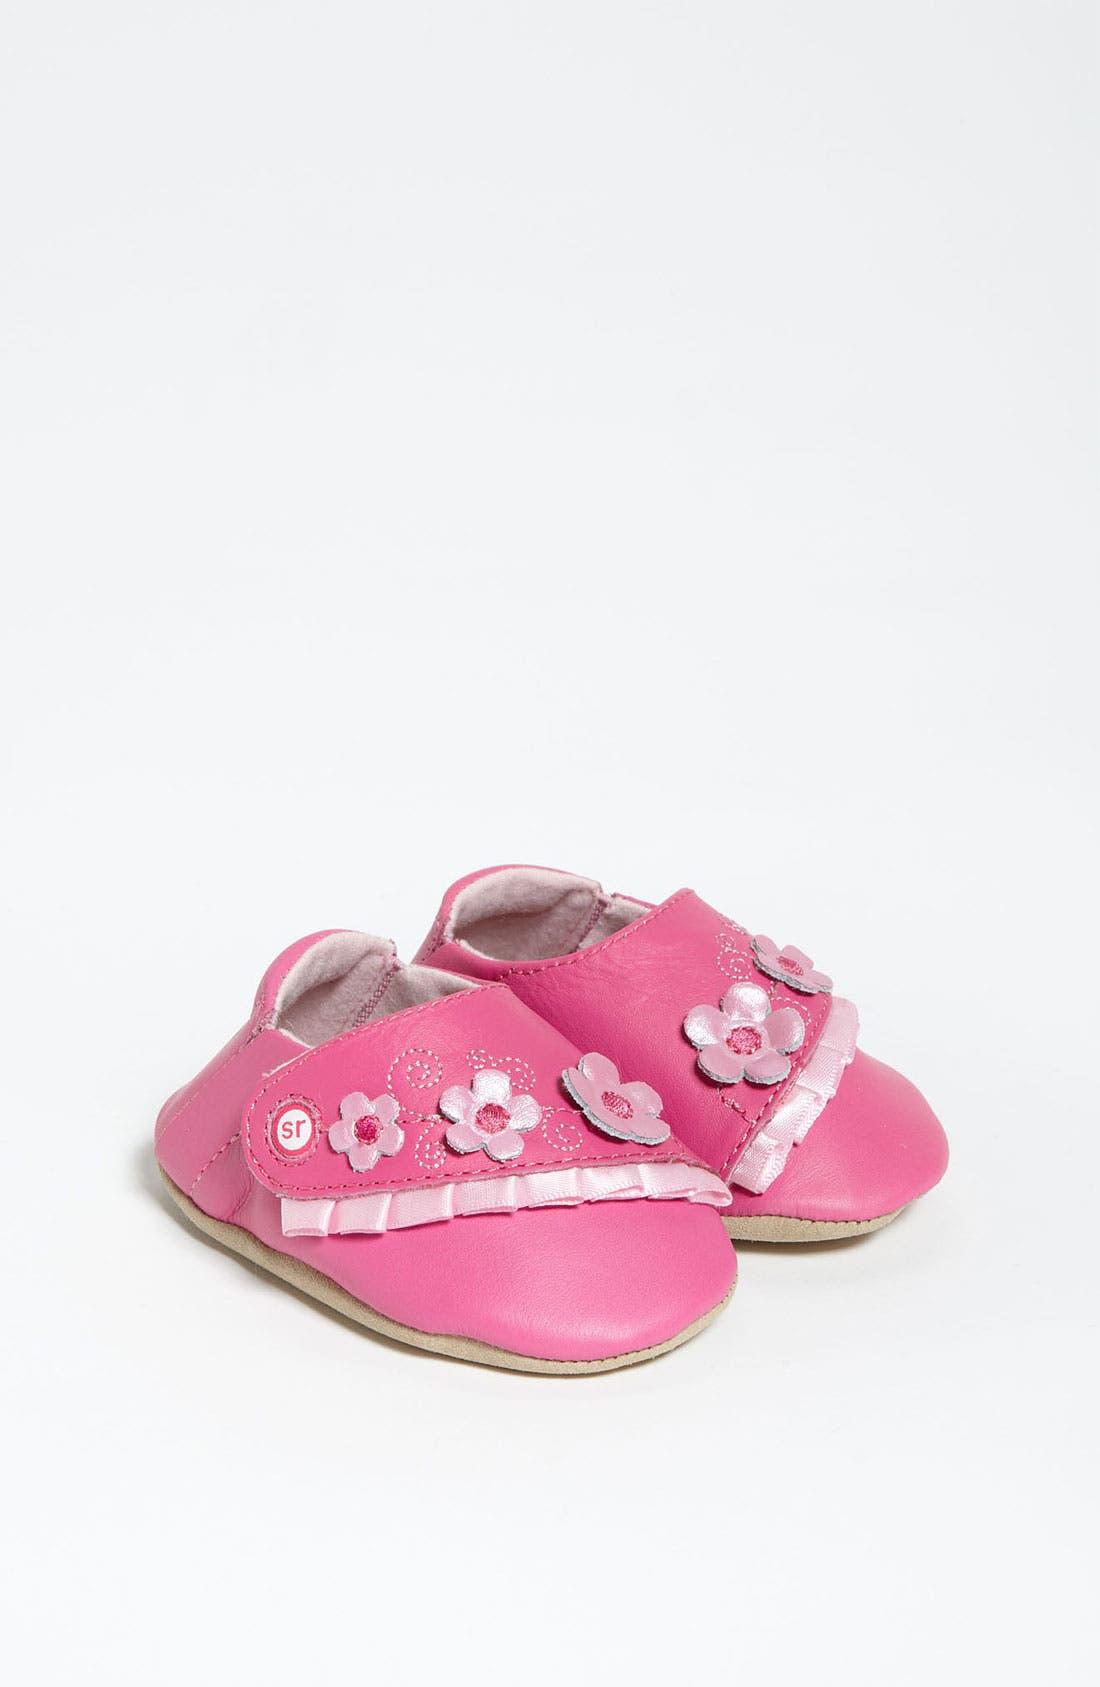 Main Image - Stride Rite 'Rosy Ruffles' Crib Shoe (Baby)